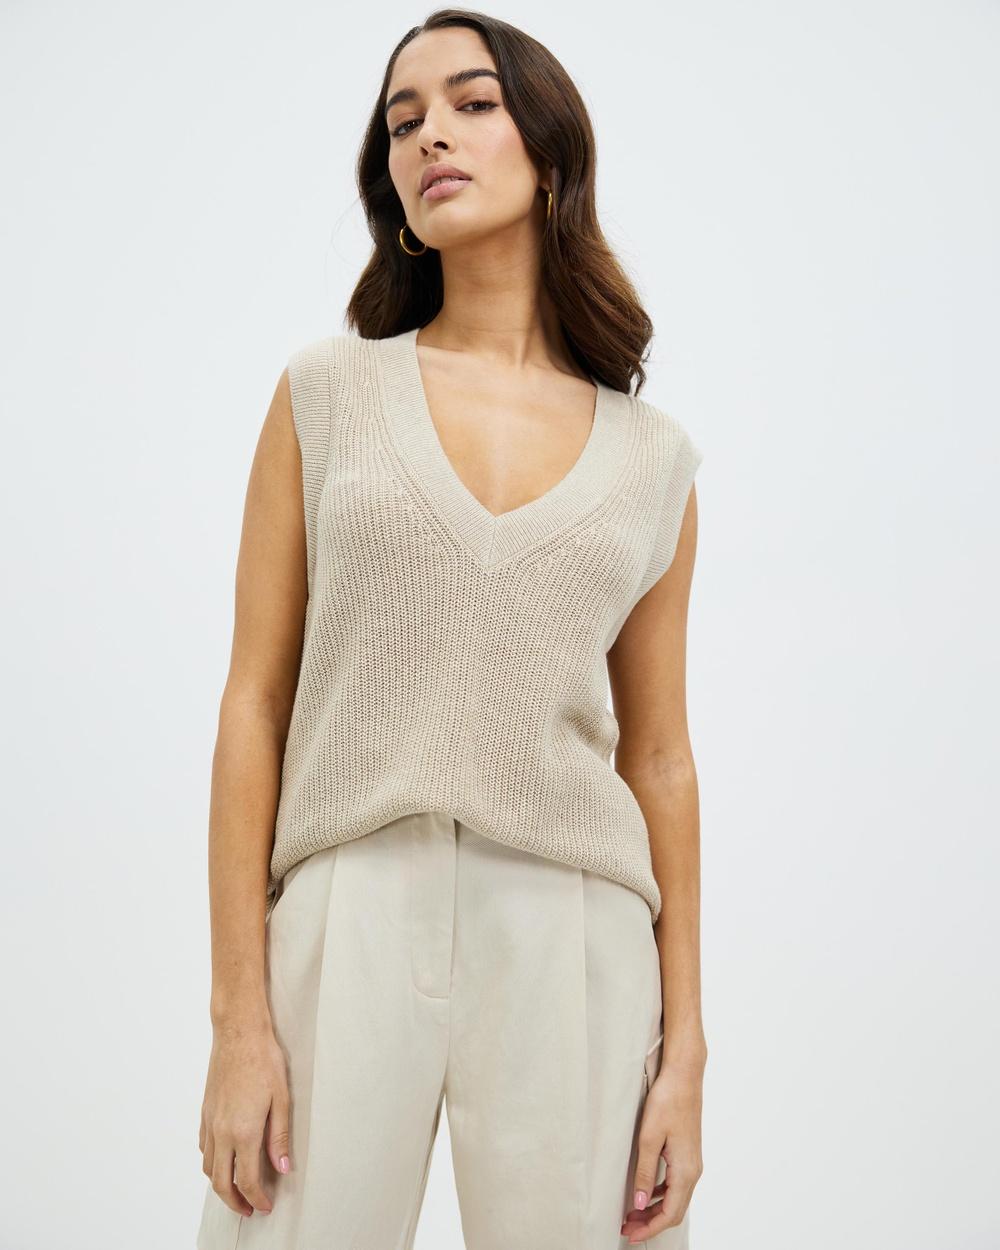 AERE Organic Cotton Linen Vest Coats & Jackets Neutral